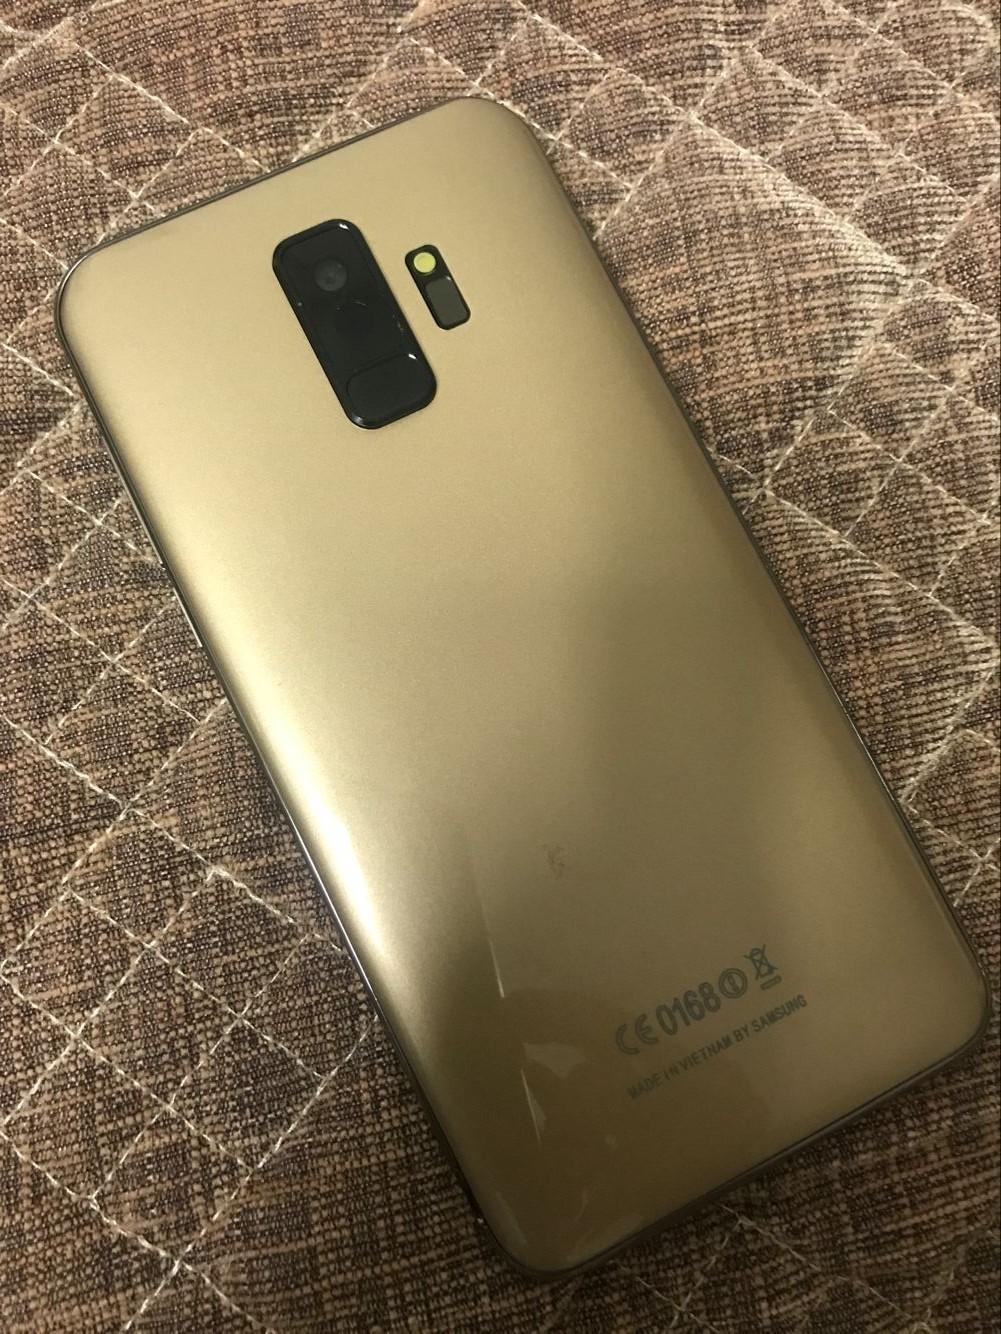 5.72 Inç Mate10 Pro İstihbarat Cep Telefonu 512 + 4g Yurtdışı 3g Düşük Fiyat Cep Telefonu Stokta Mal